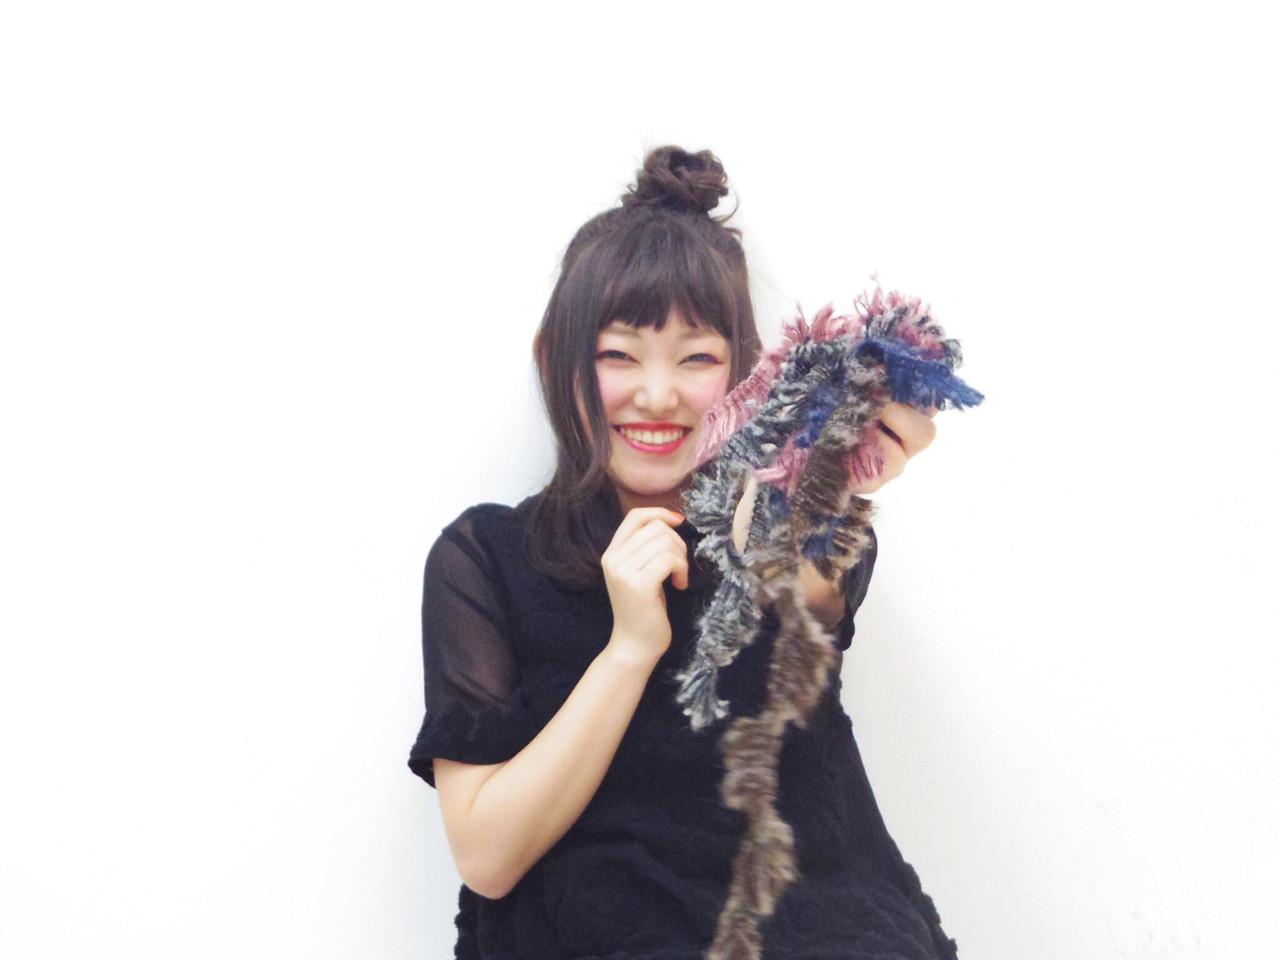 アウトドア お団子 フェミニン セミロング ヘアスタイルや髪型の写真・画像